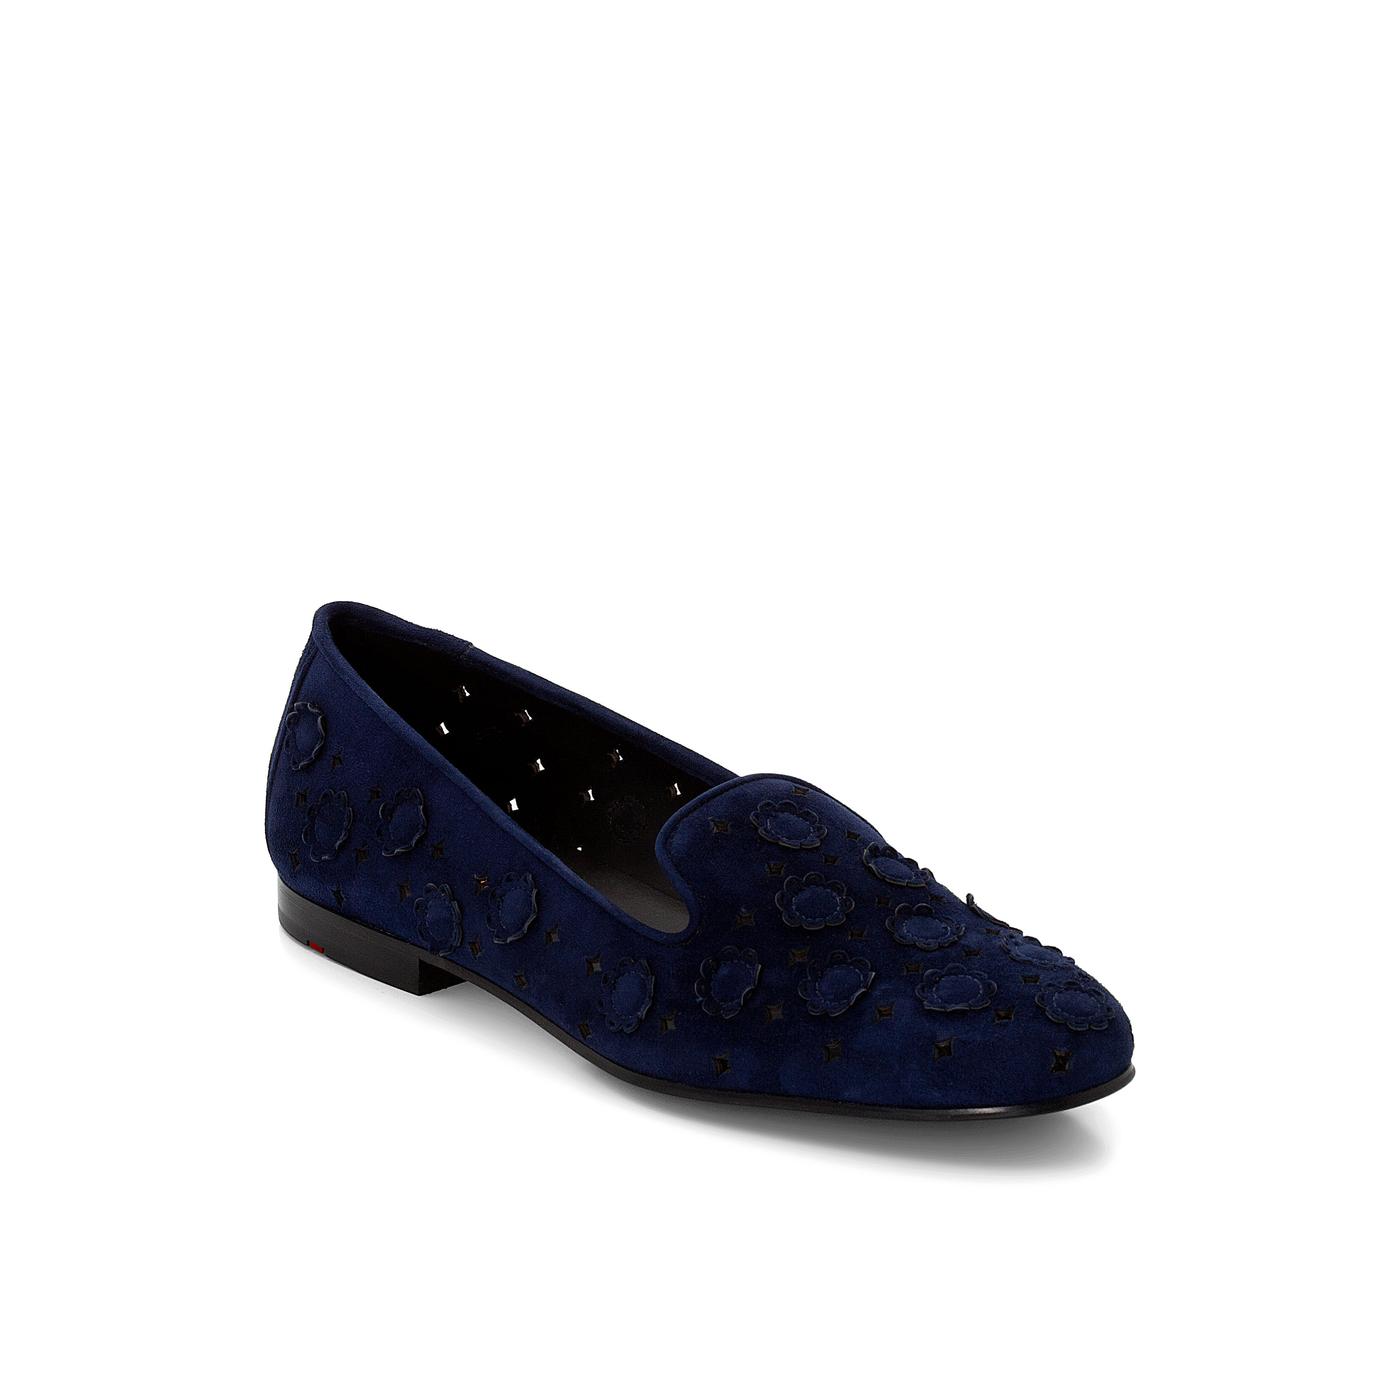 SLIPPER | Schuhe > Slipper | Blau | Rauleder -  leder | LLOYD